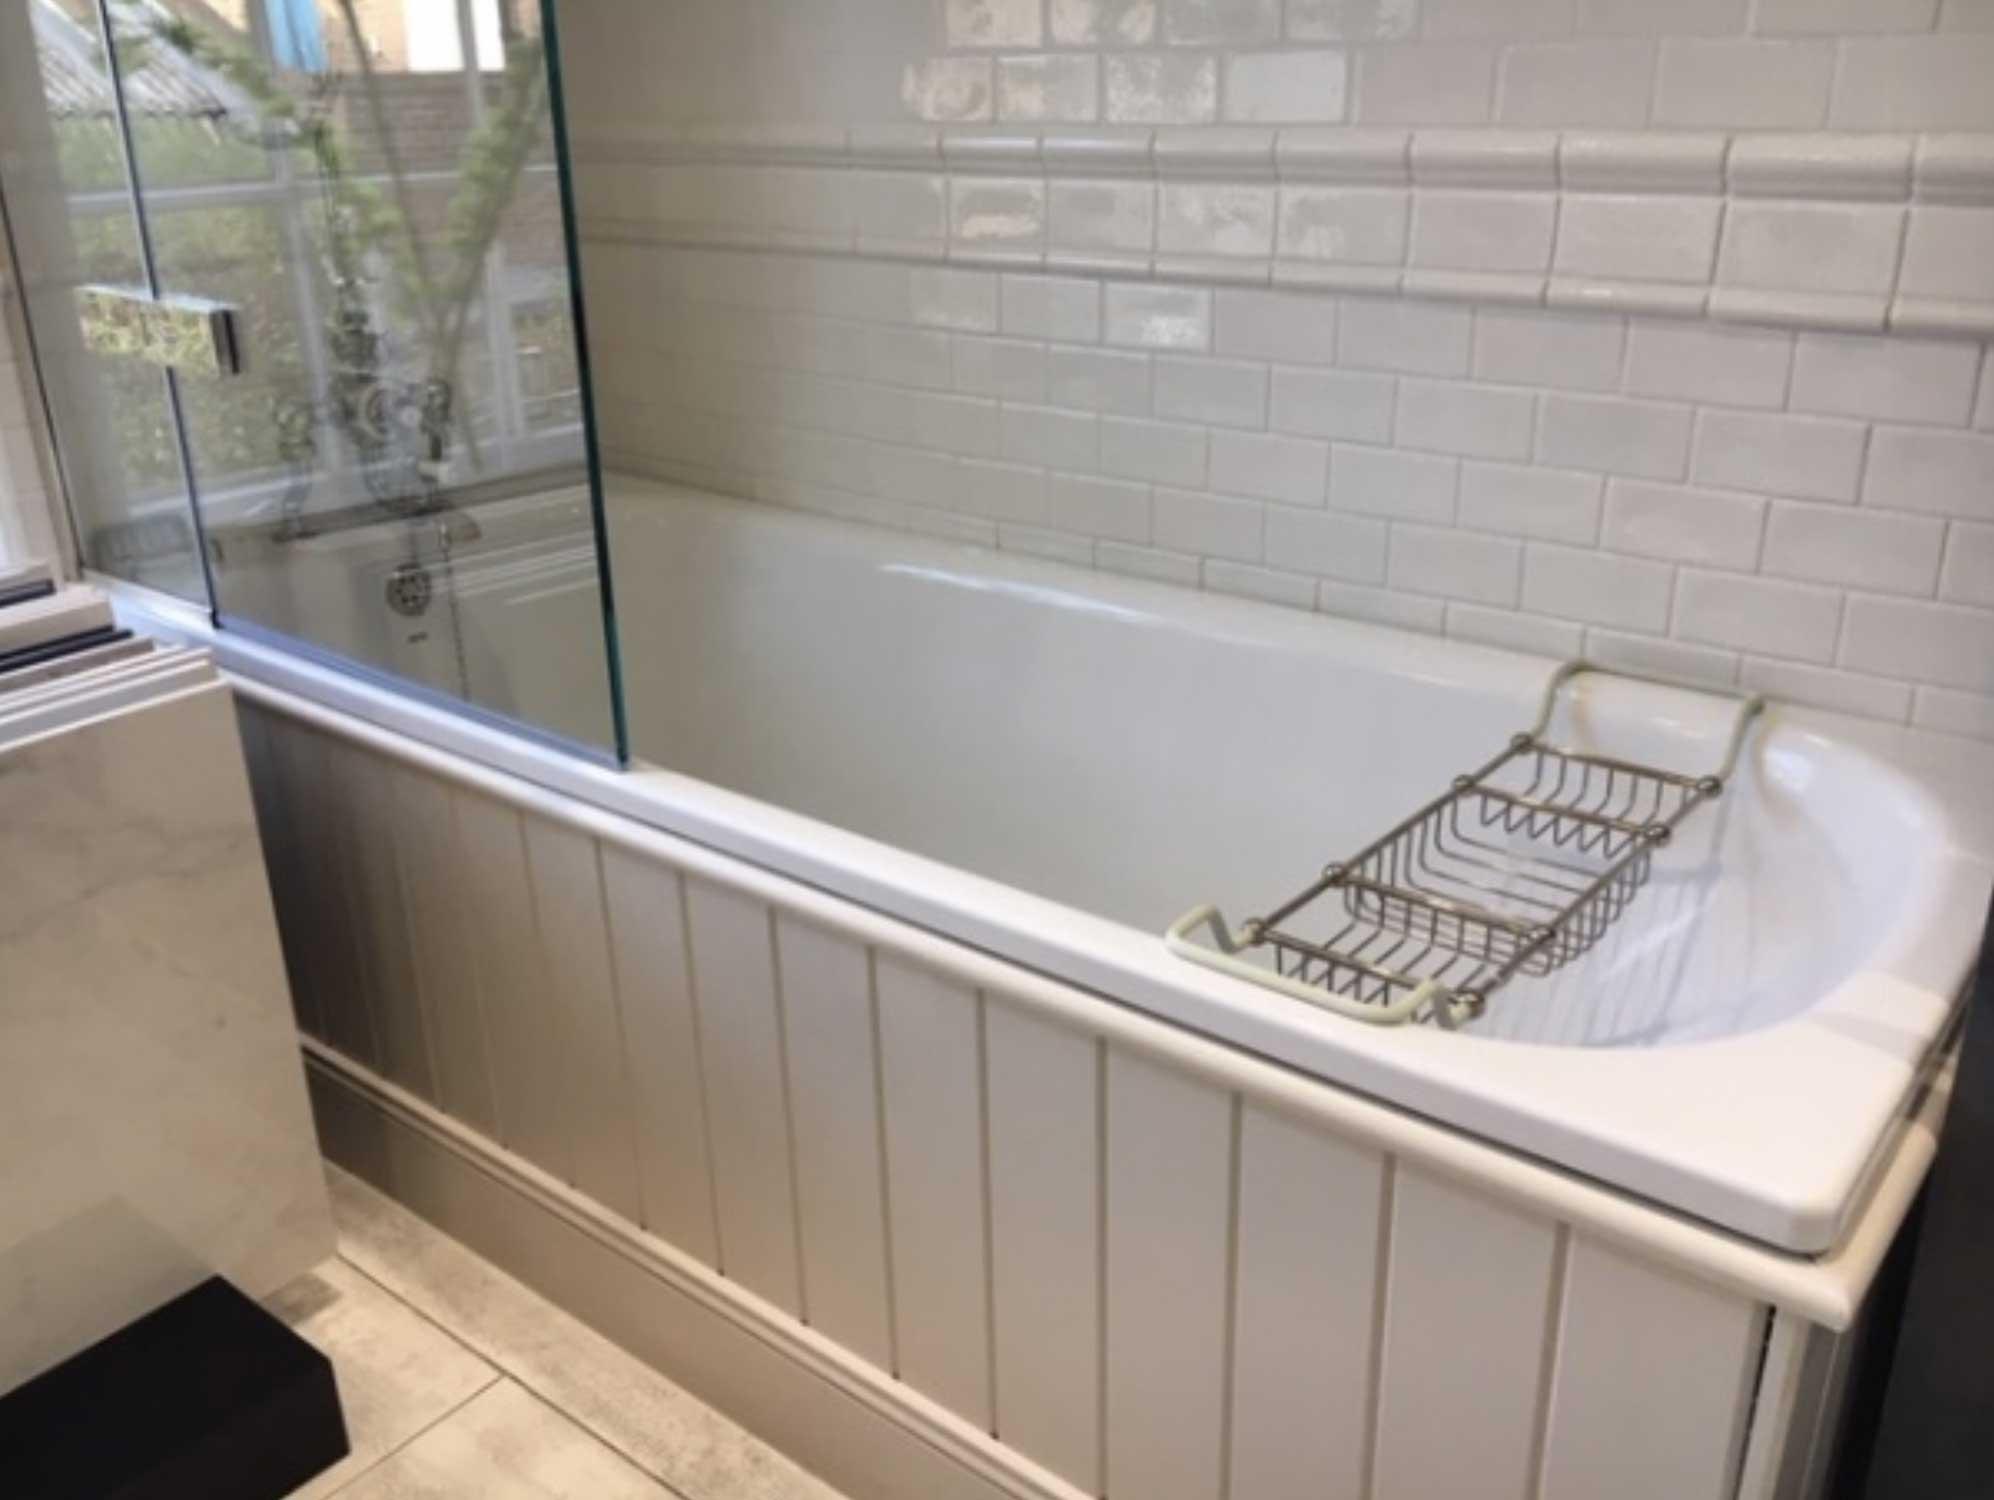 Full Size of Bette Floor Side Shower Tray Installation Bettefloor Colours Brausetasse Duschwanne Ablauf Reinigen Reinigung Betten Hamburg Trends Mit Bettkasten 120x200 Bett Bette Floor